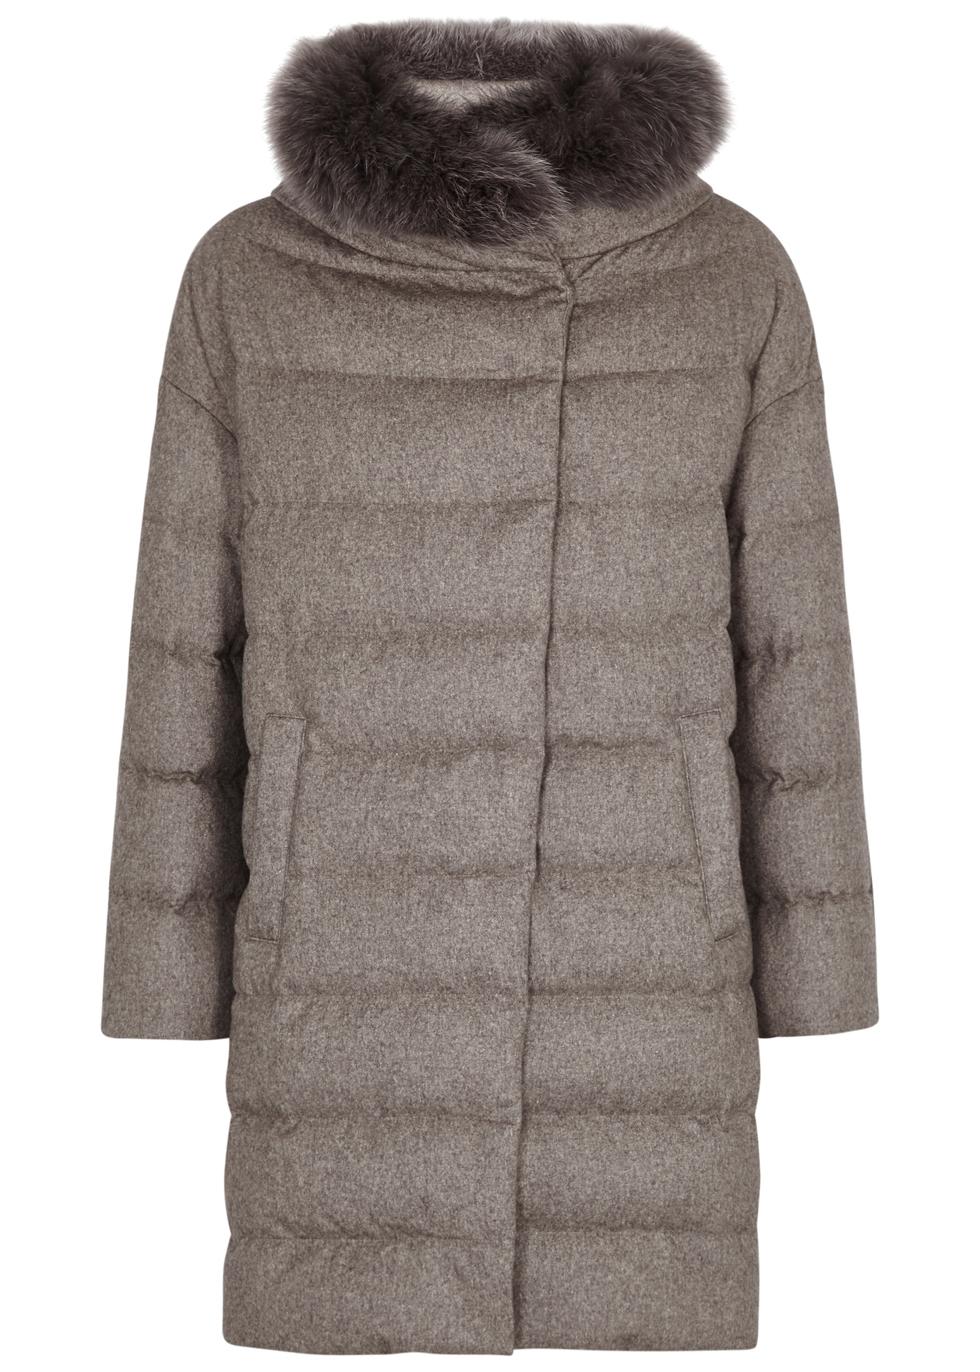 Herno Jackets Coats Shell Jackets Harvey Nichols